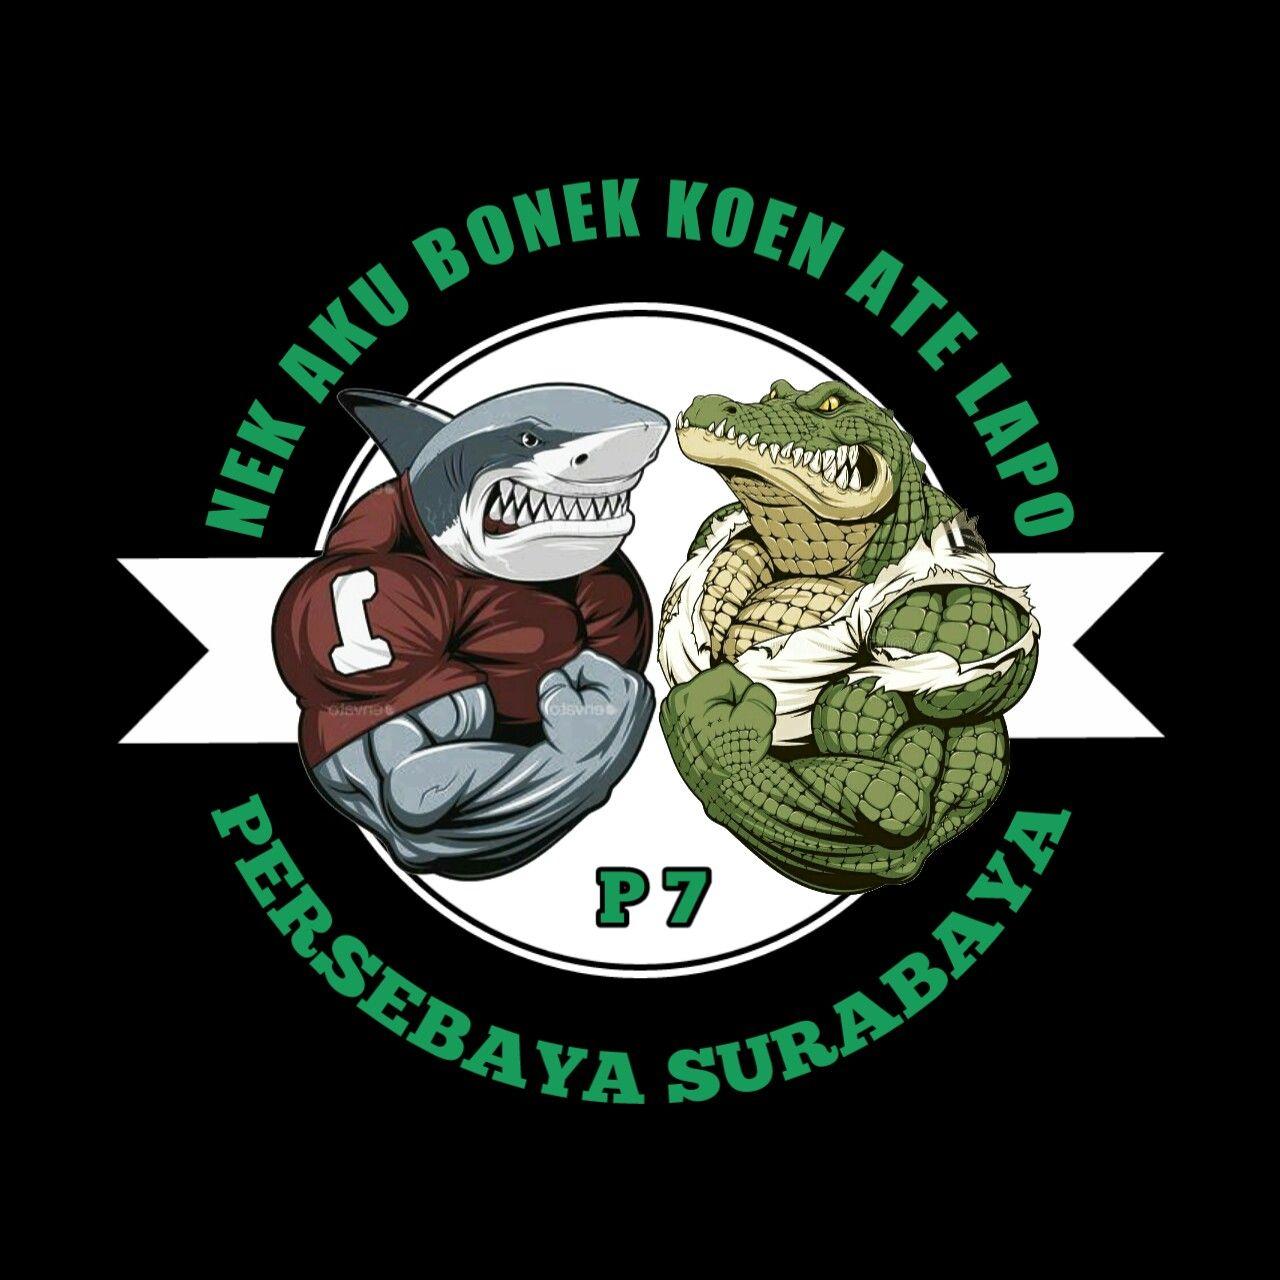 Pin Oleh Zainal Abidin Di Bonek Surabaya Logo Keren Seni Manipulasi Foto